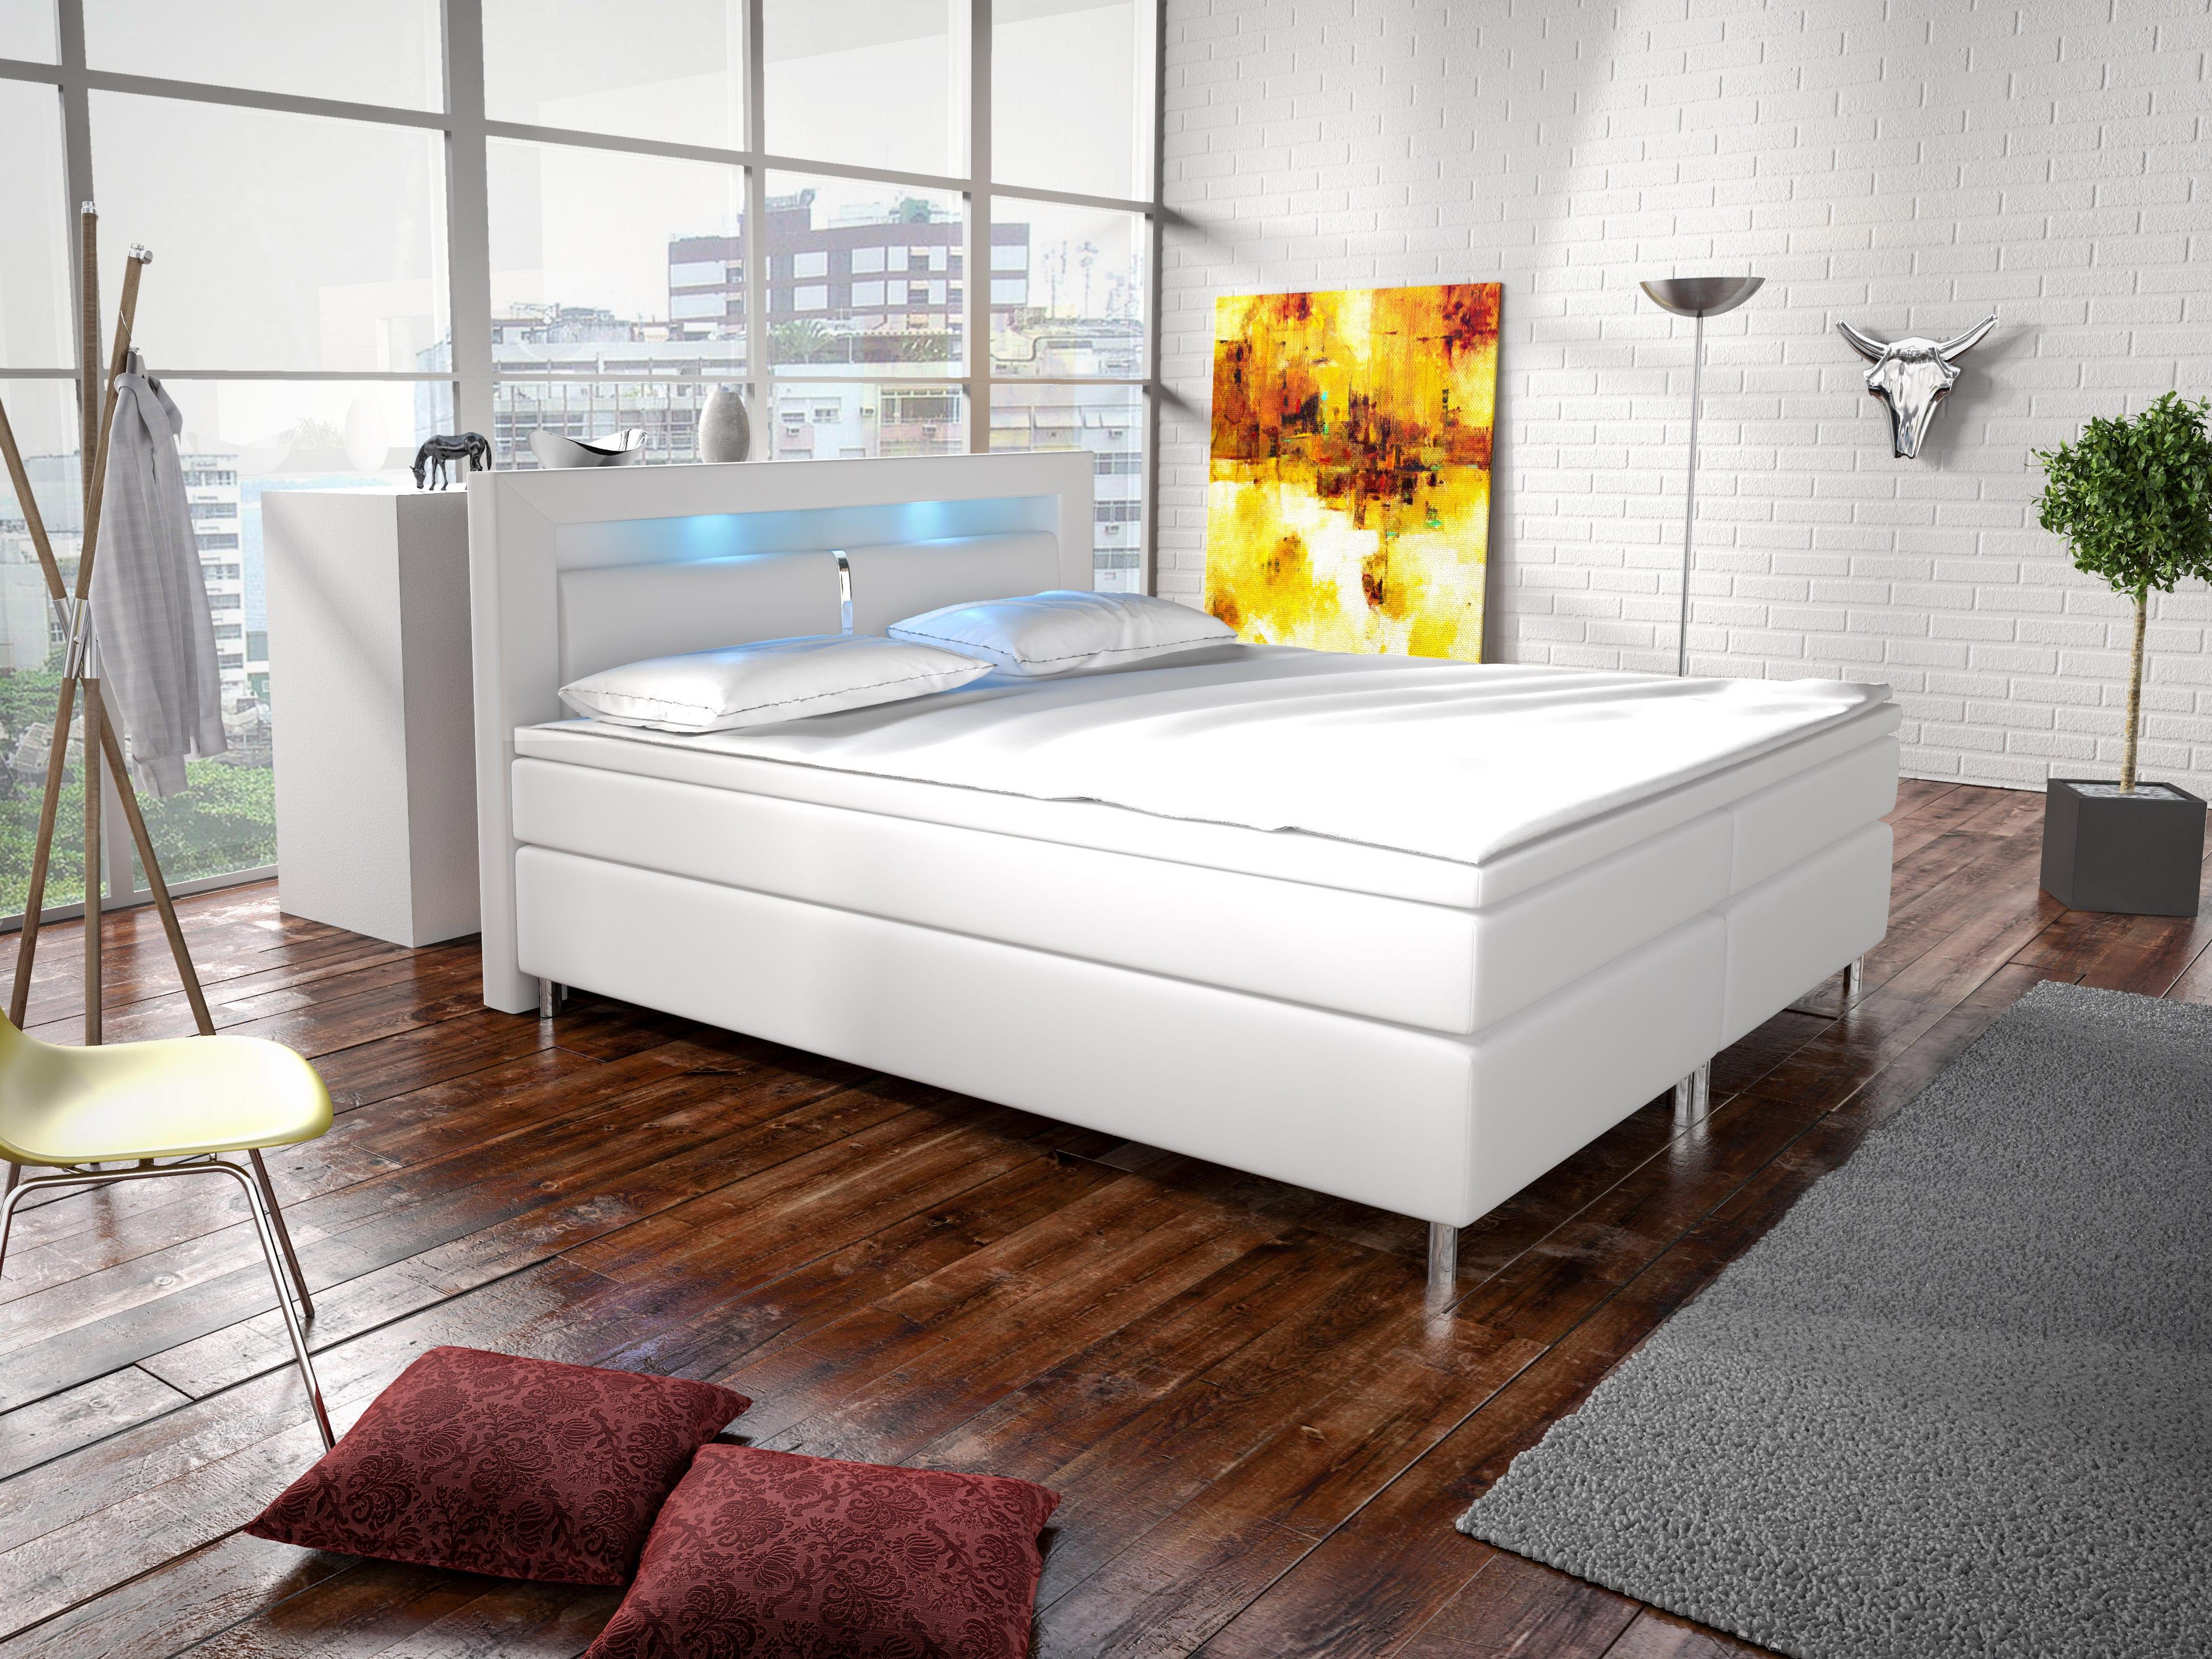 Manželská postel Boxspring 140 cm - Marilia I (bílá) (s matracemi)